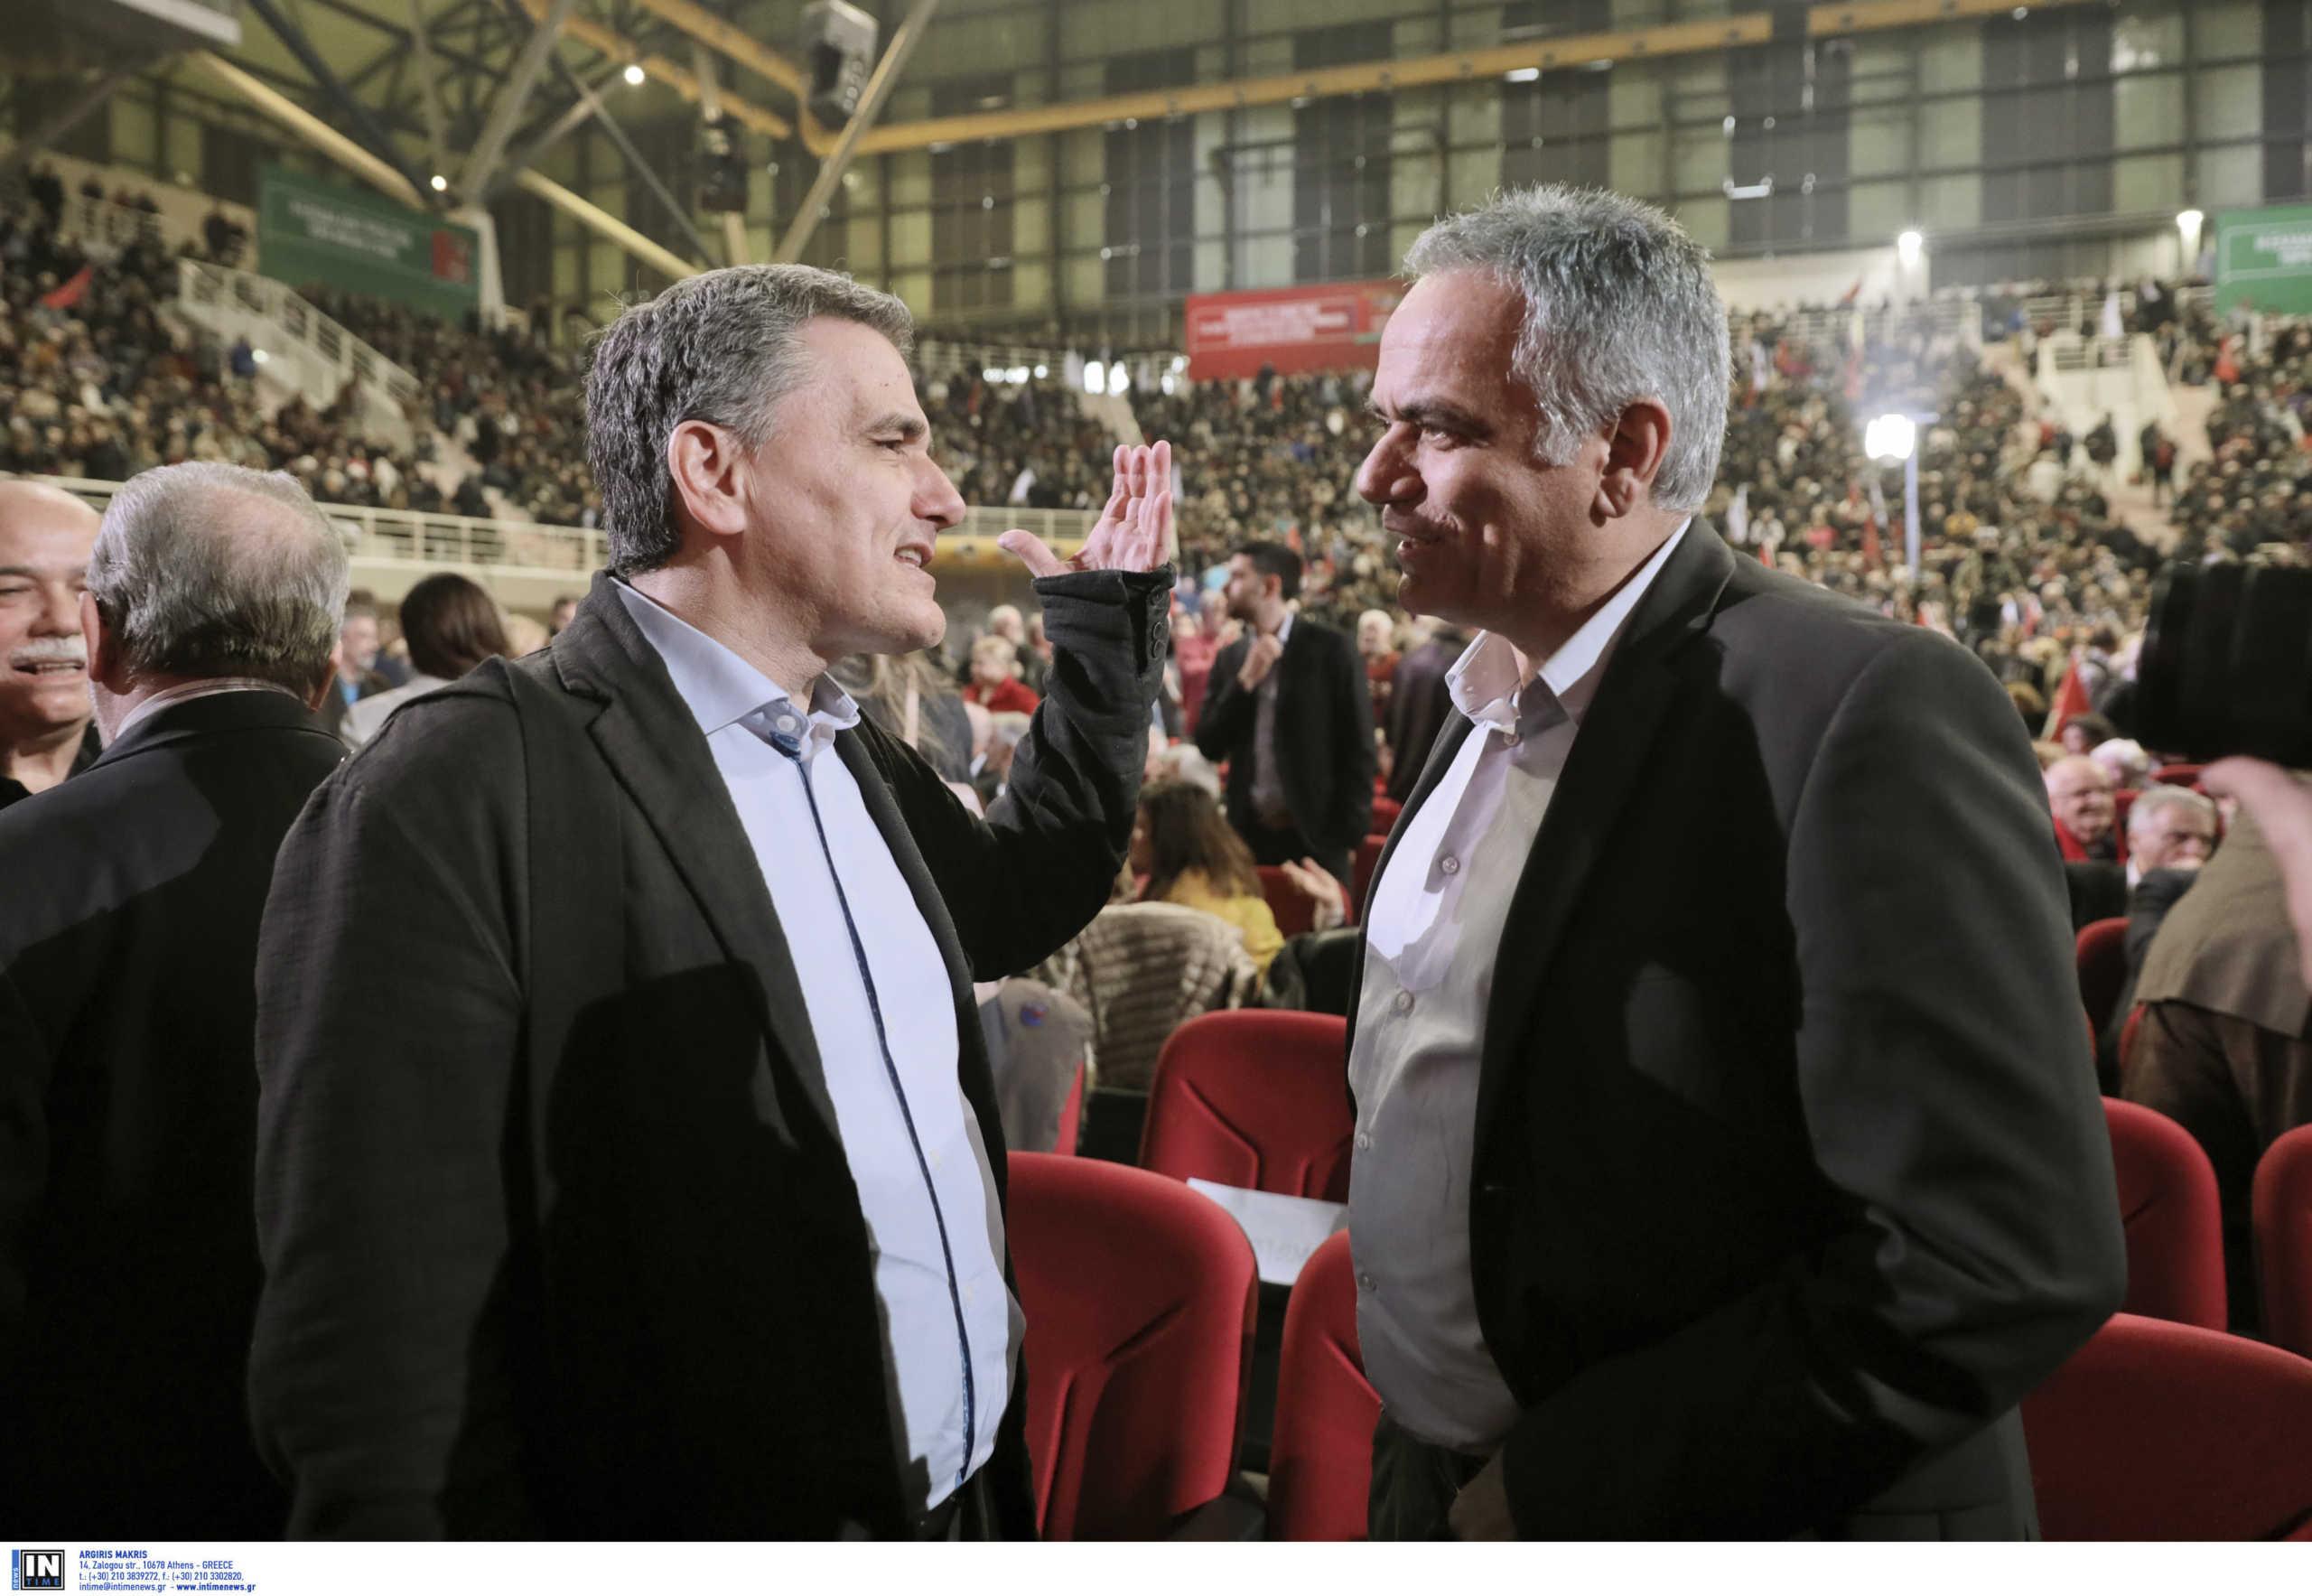 Άναψαν εσωκομματικές φωτιές στον ΣΥΡΙΖΑ: Σε ρόλο πυροσβέστη ο Τσίπρας